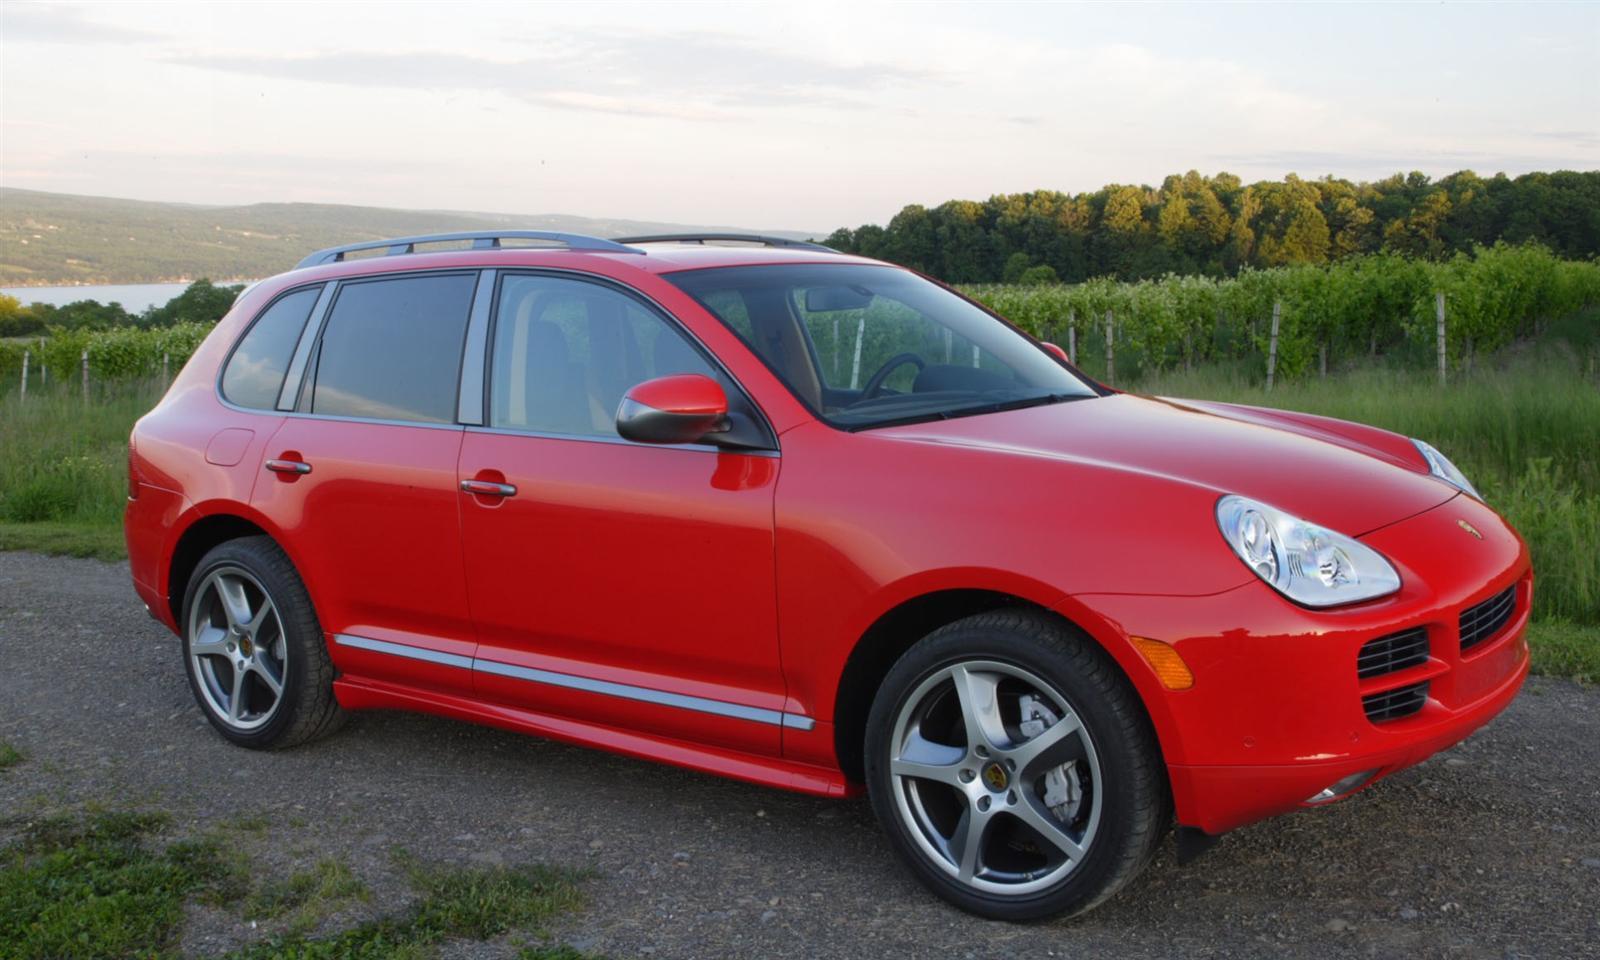 2006 Porsche Cayenne S Titanium Edition Images Photo 2006